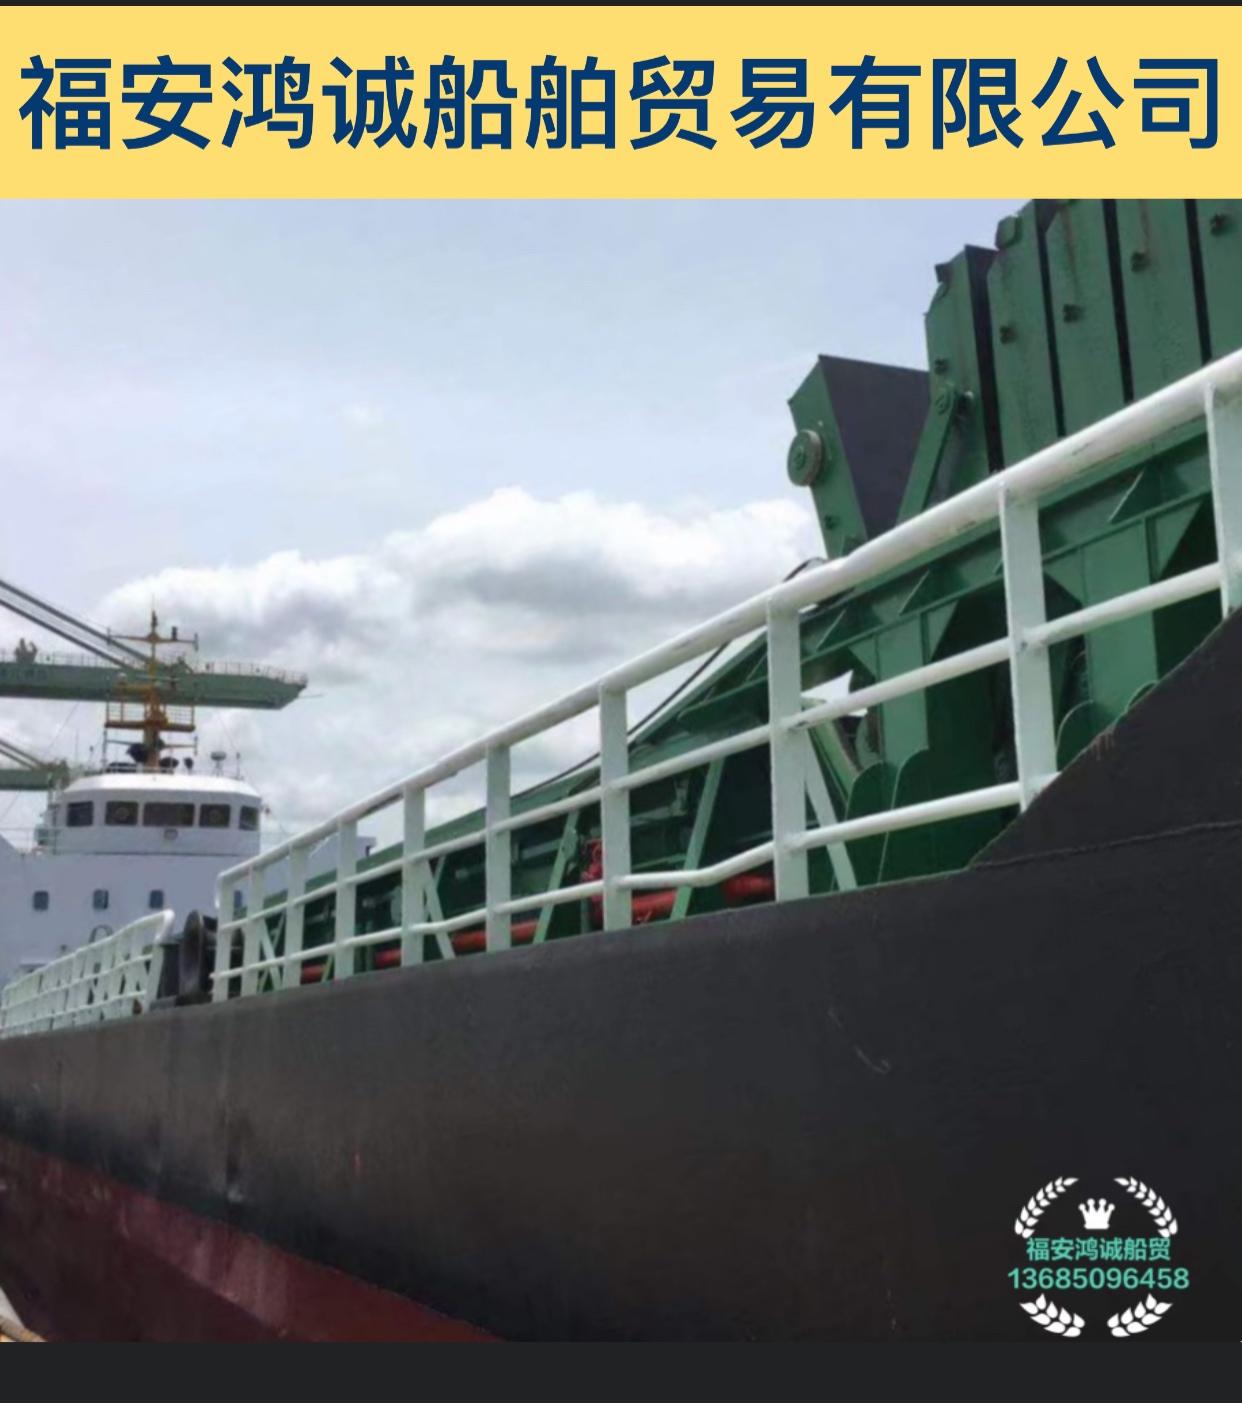 出售2015年造4800吨双壳干货船